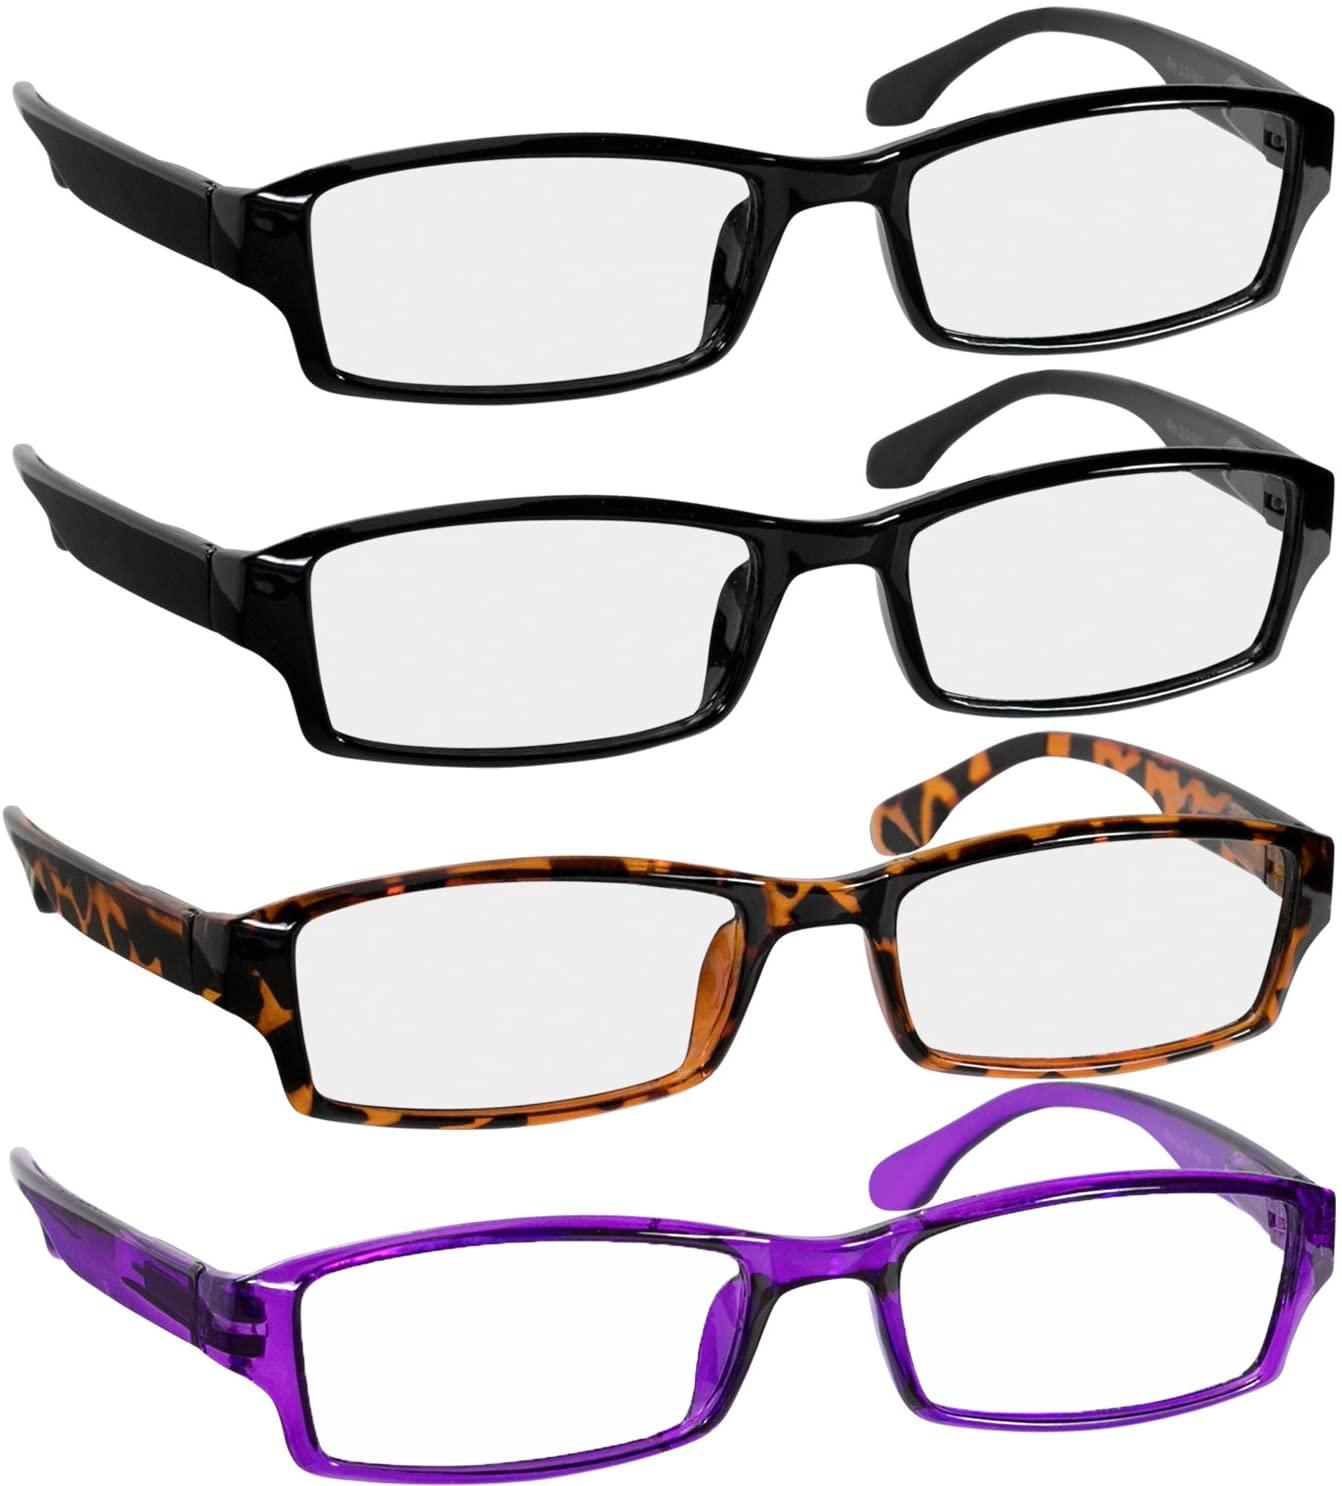 9501-4-2Black-Tortoise-Purple-500